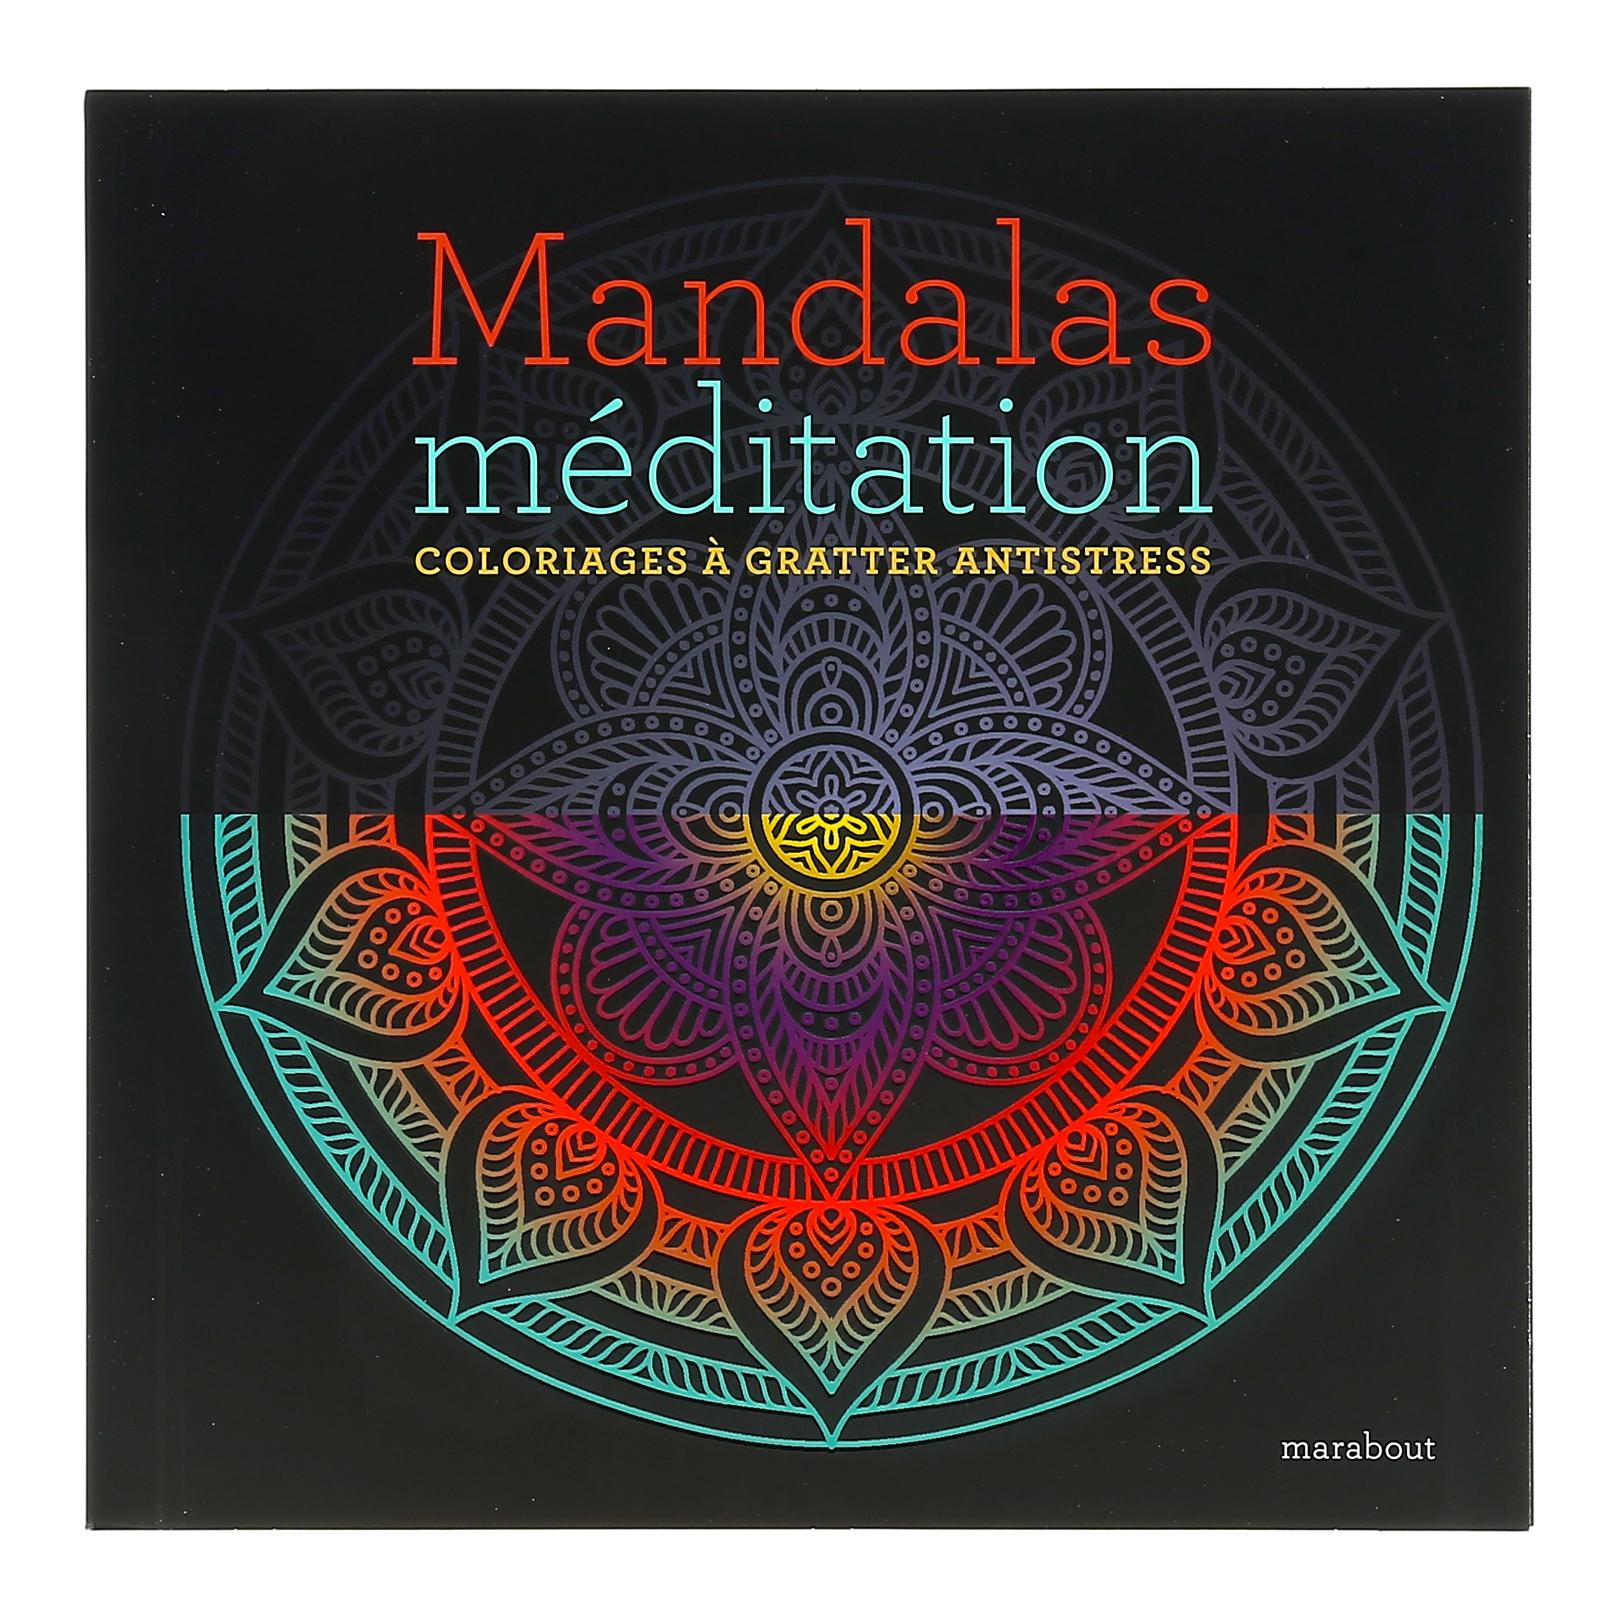 Coloriage Mandala Nature Et Decouverte.Mandalas Meditation Nature Decouvertes